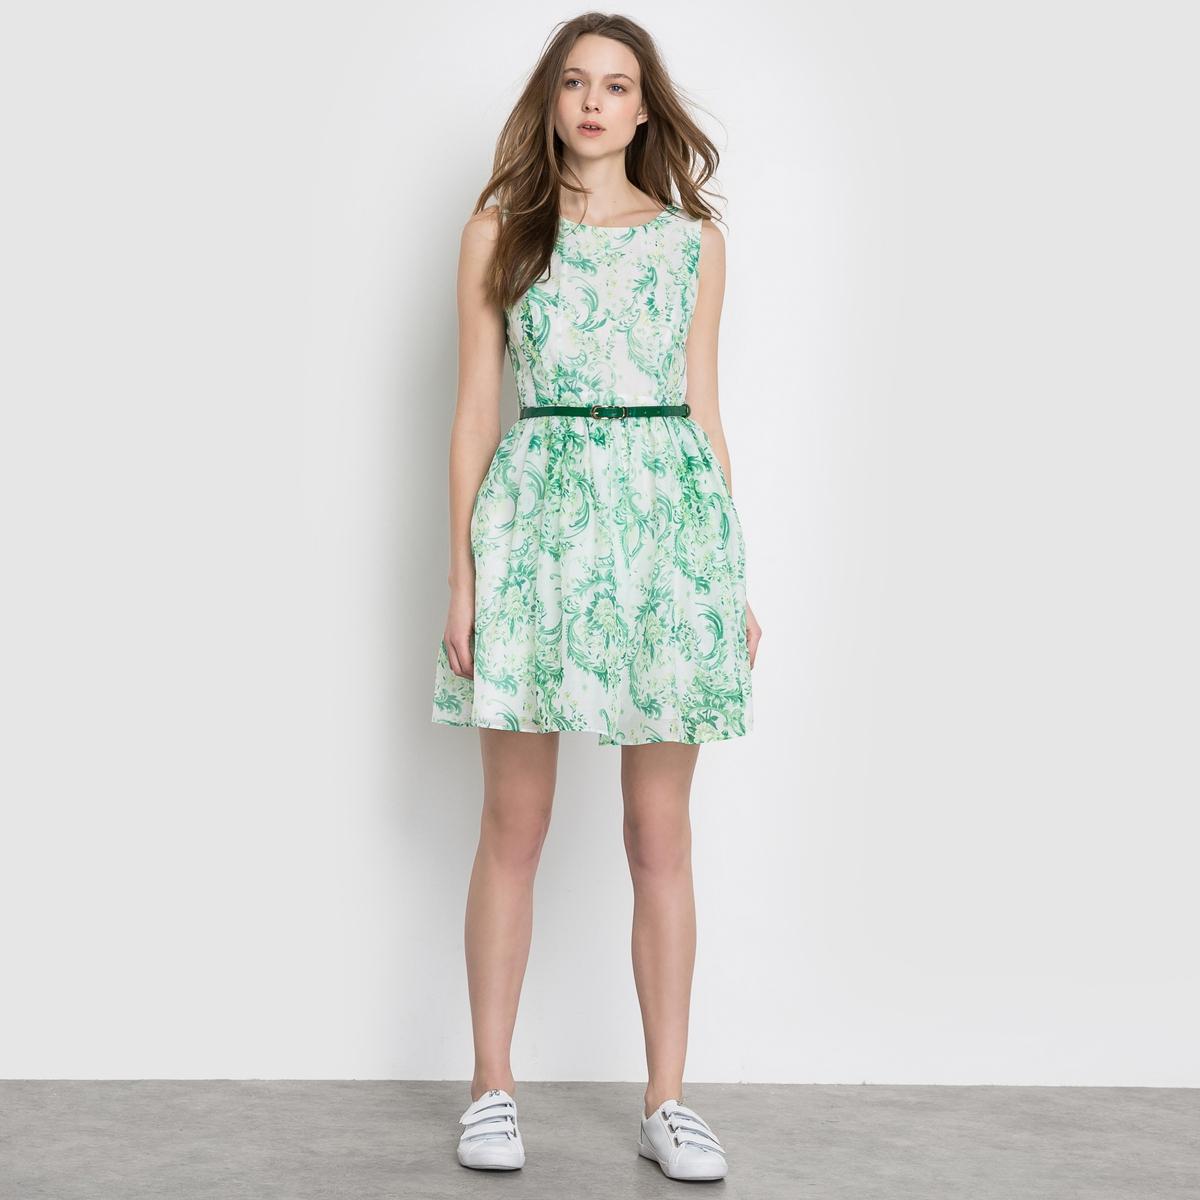 Платье с короткими рукавамиСостав и описание                      Материал: 100% полиэстера                     Марка MOLLY BRACKEN<br><br>Цвет: белый/зеленый<br>Размер: M